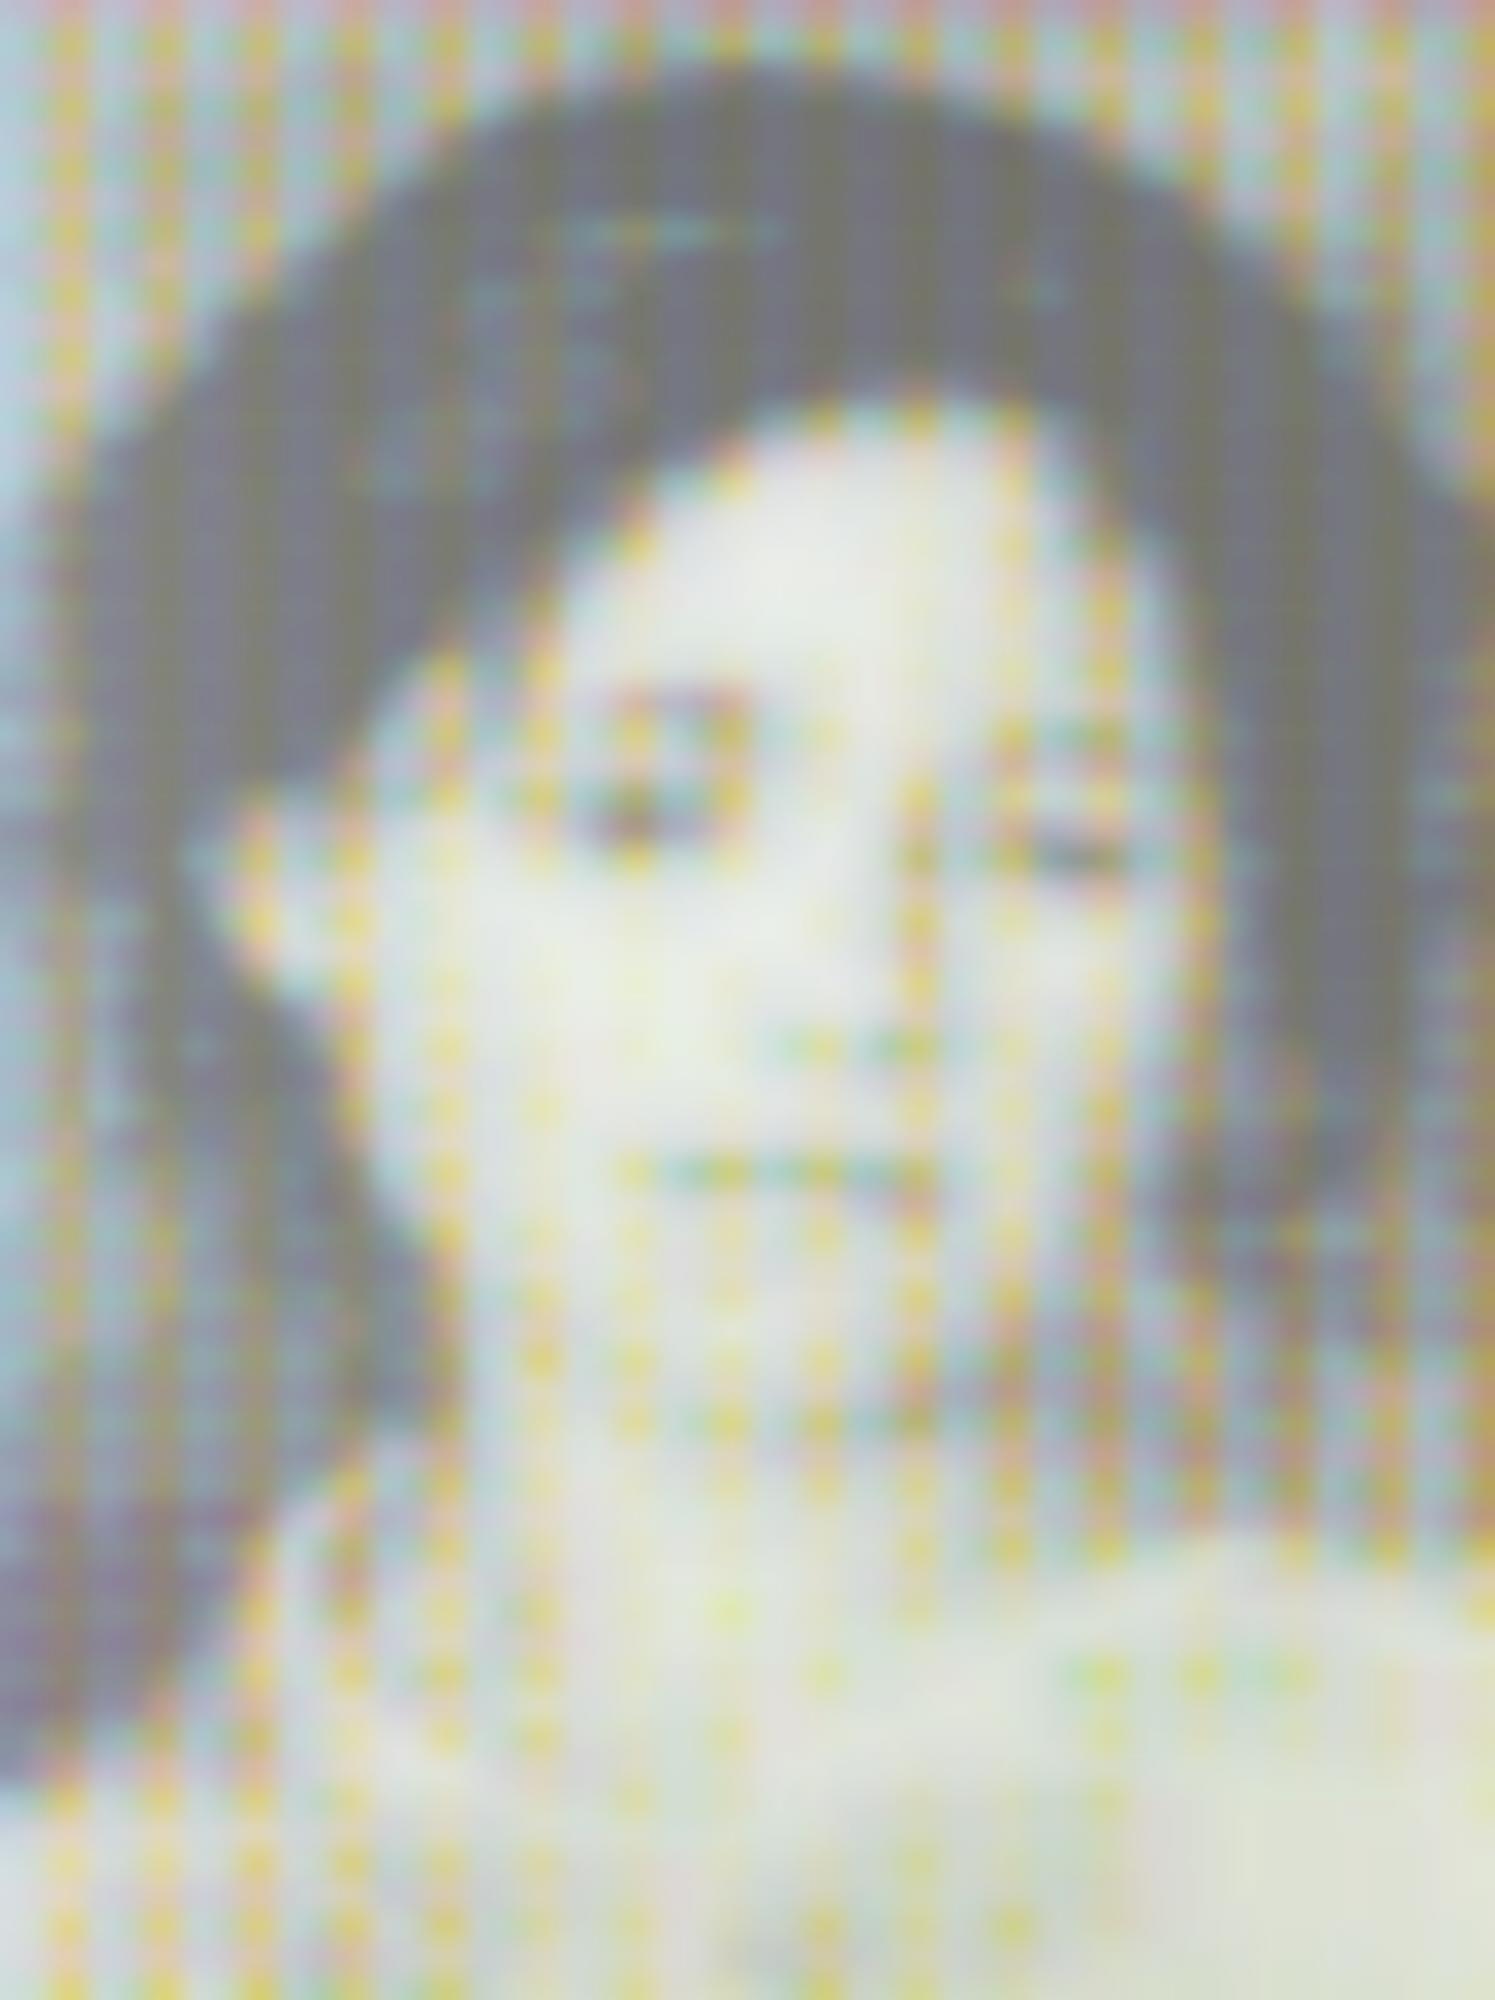 Yvaral-Renoir Digitalise-1988